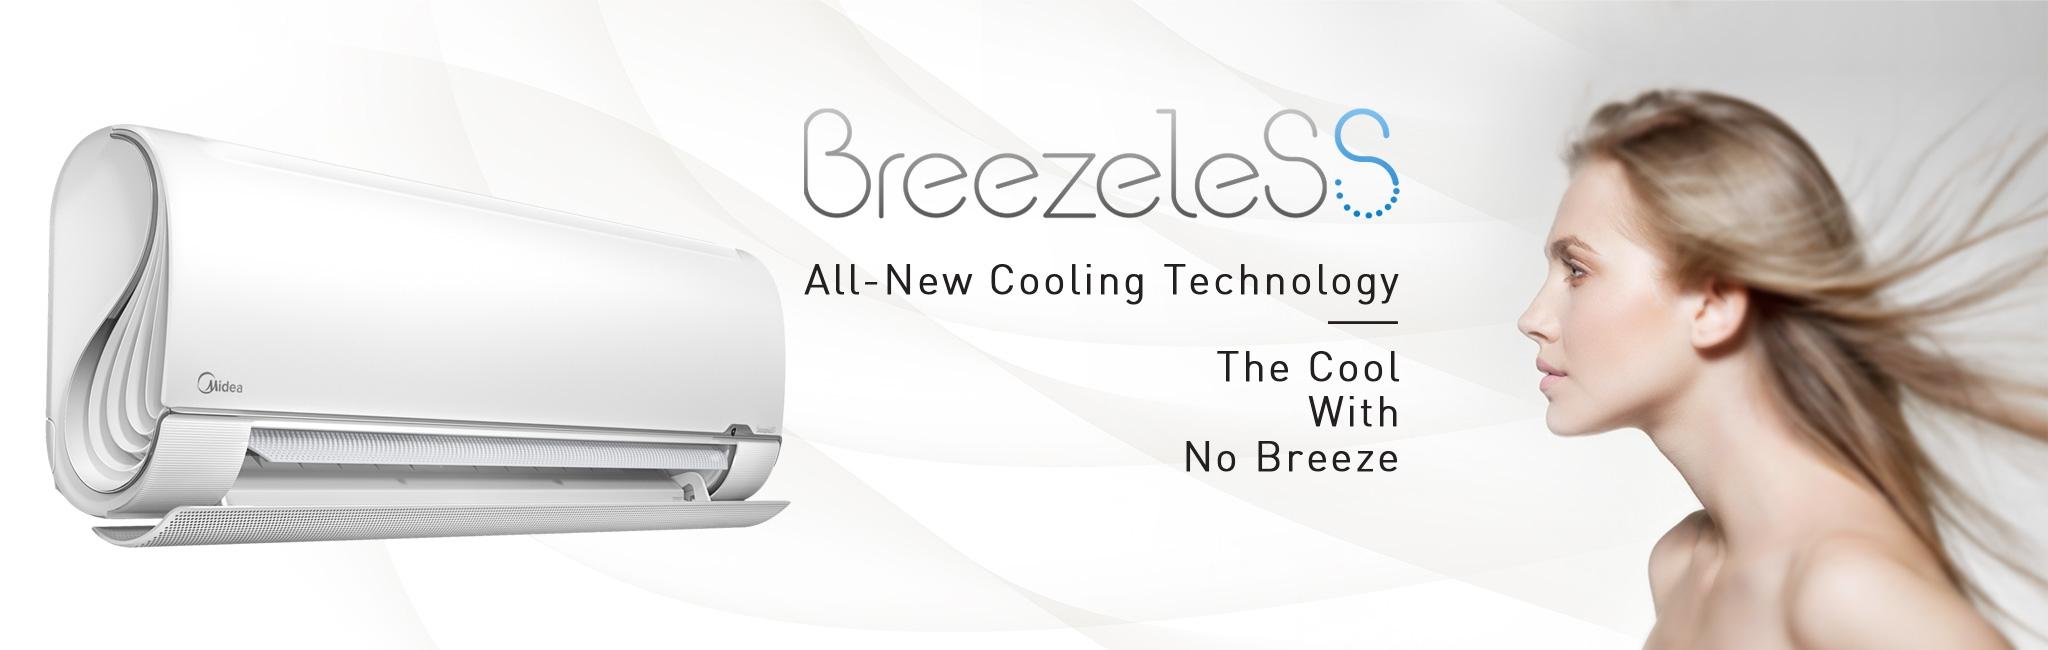 Изберете луксозен инверторен климатик Midea BreezeleSS.